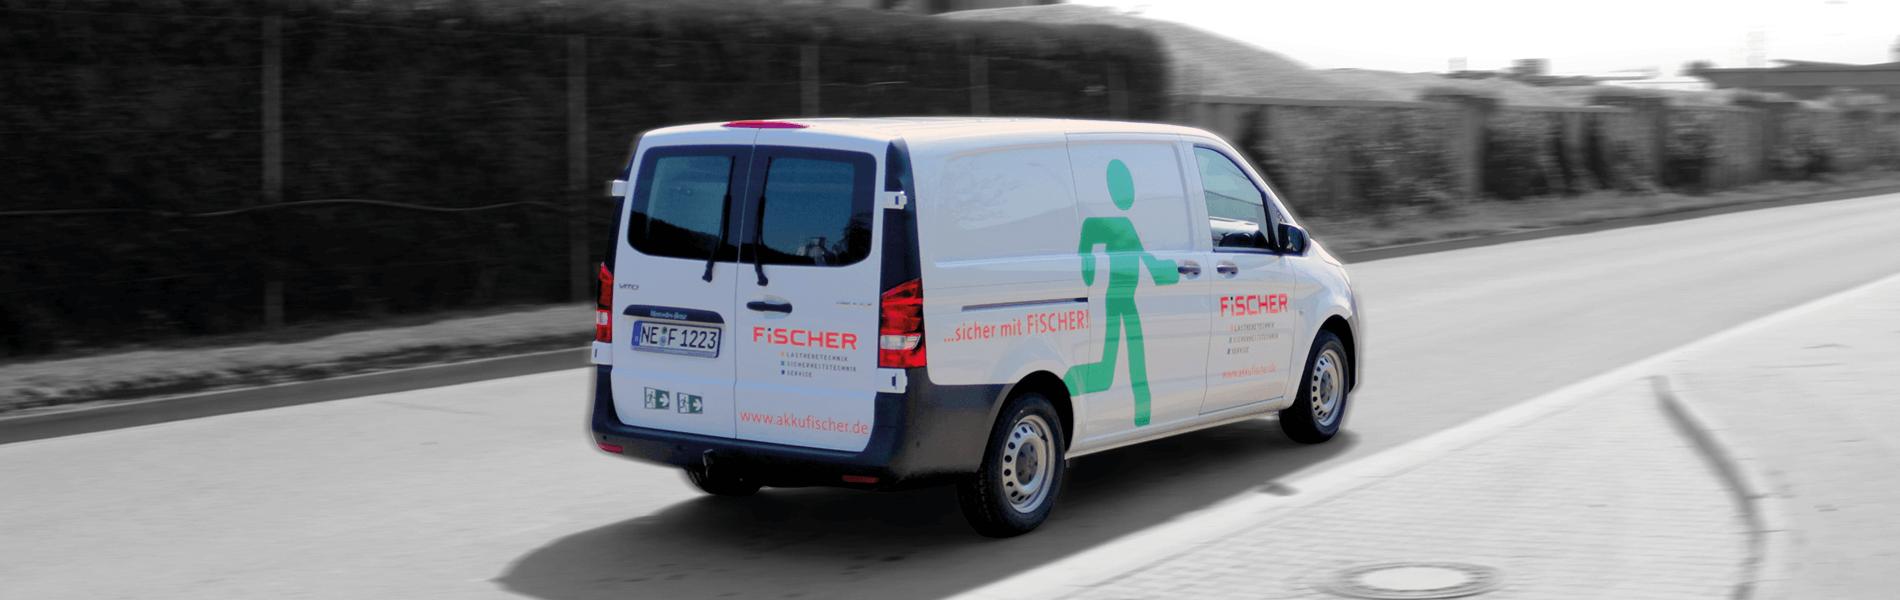 FiSCHER Transporter auf der Straße